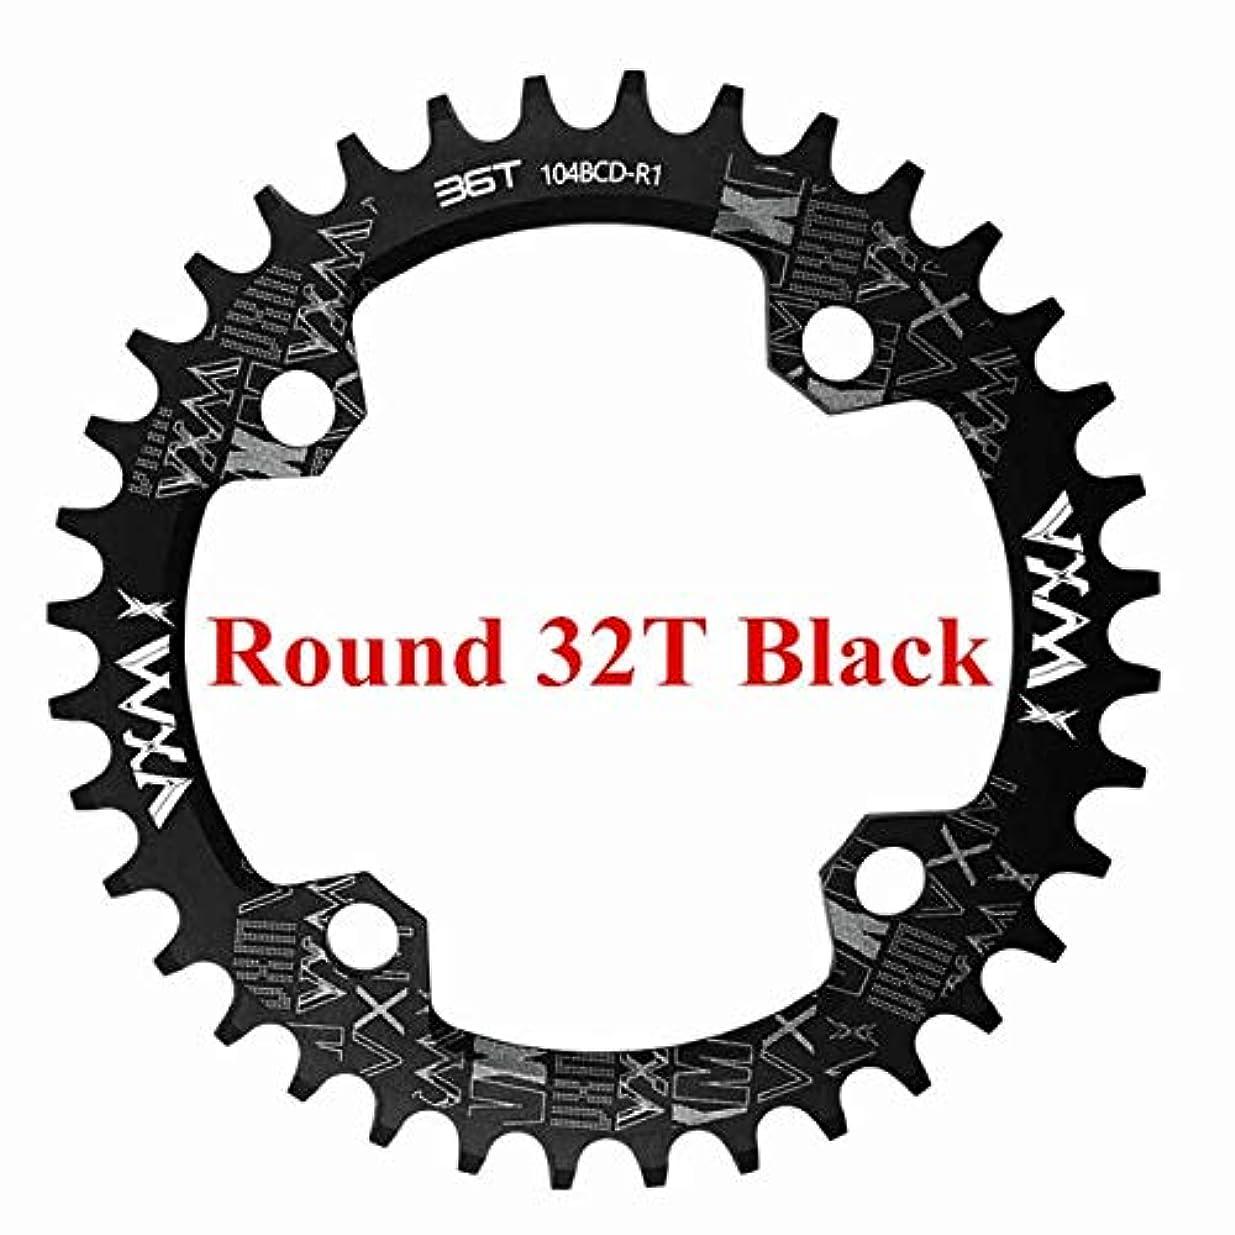 仕立て屋団結重力Propenary - 自転車104BCDクランクオーバルラウンド30T 32T 34T 36T 38T 40T 42T 44T 46T 48T 50T 52TチェーンホイールXT狭い広い自転車チェーンリング[ラウンド32Tブラック]